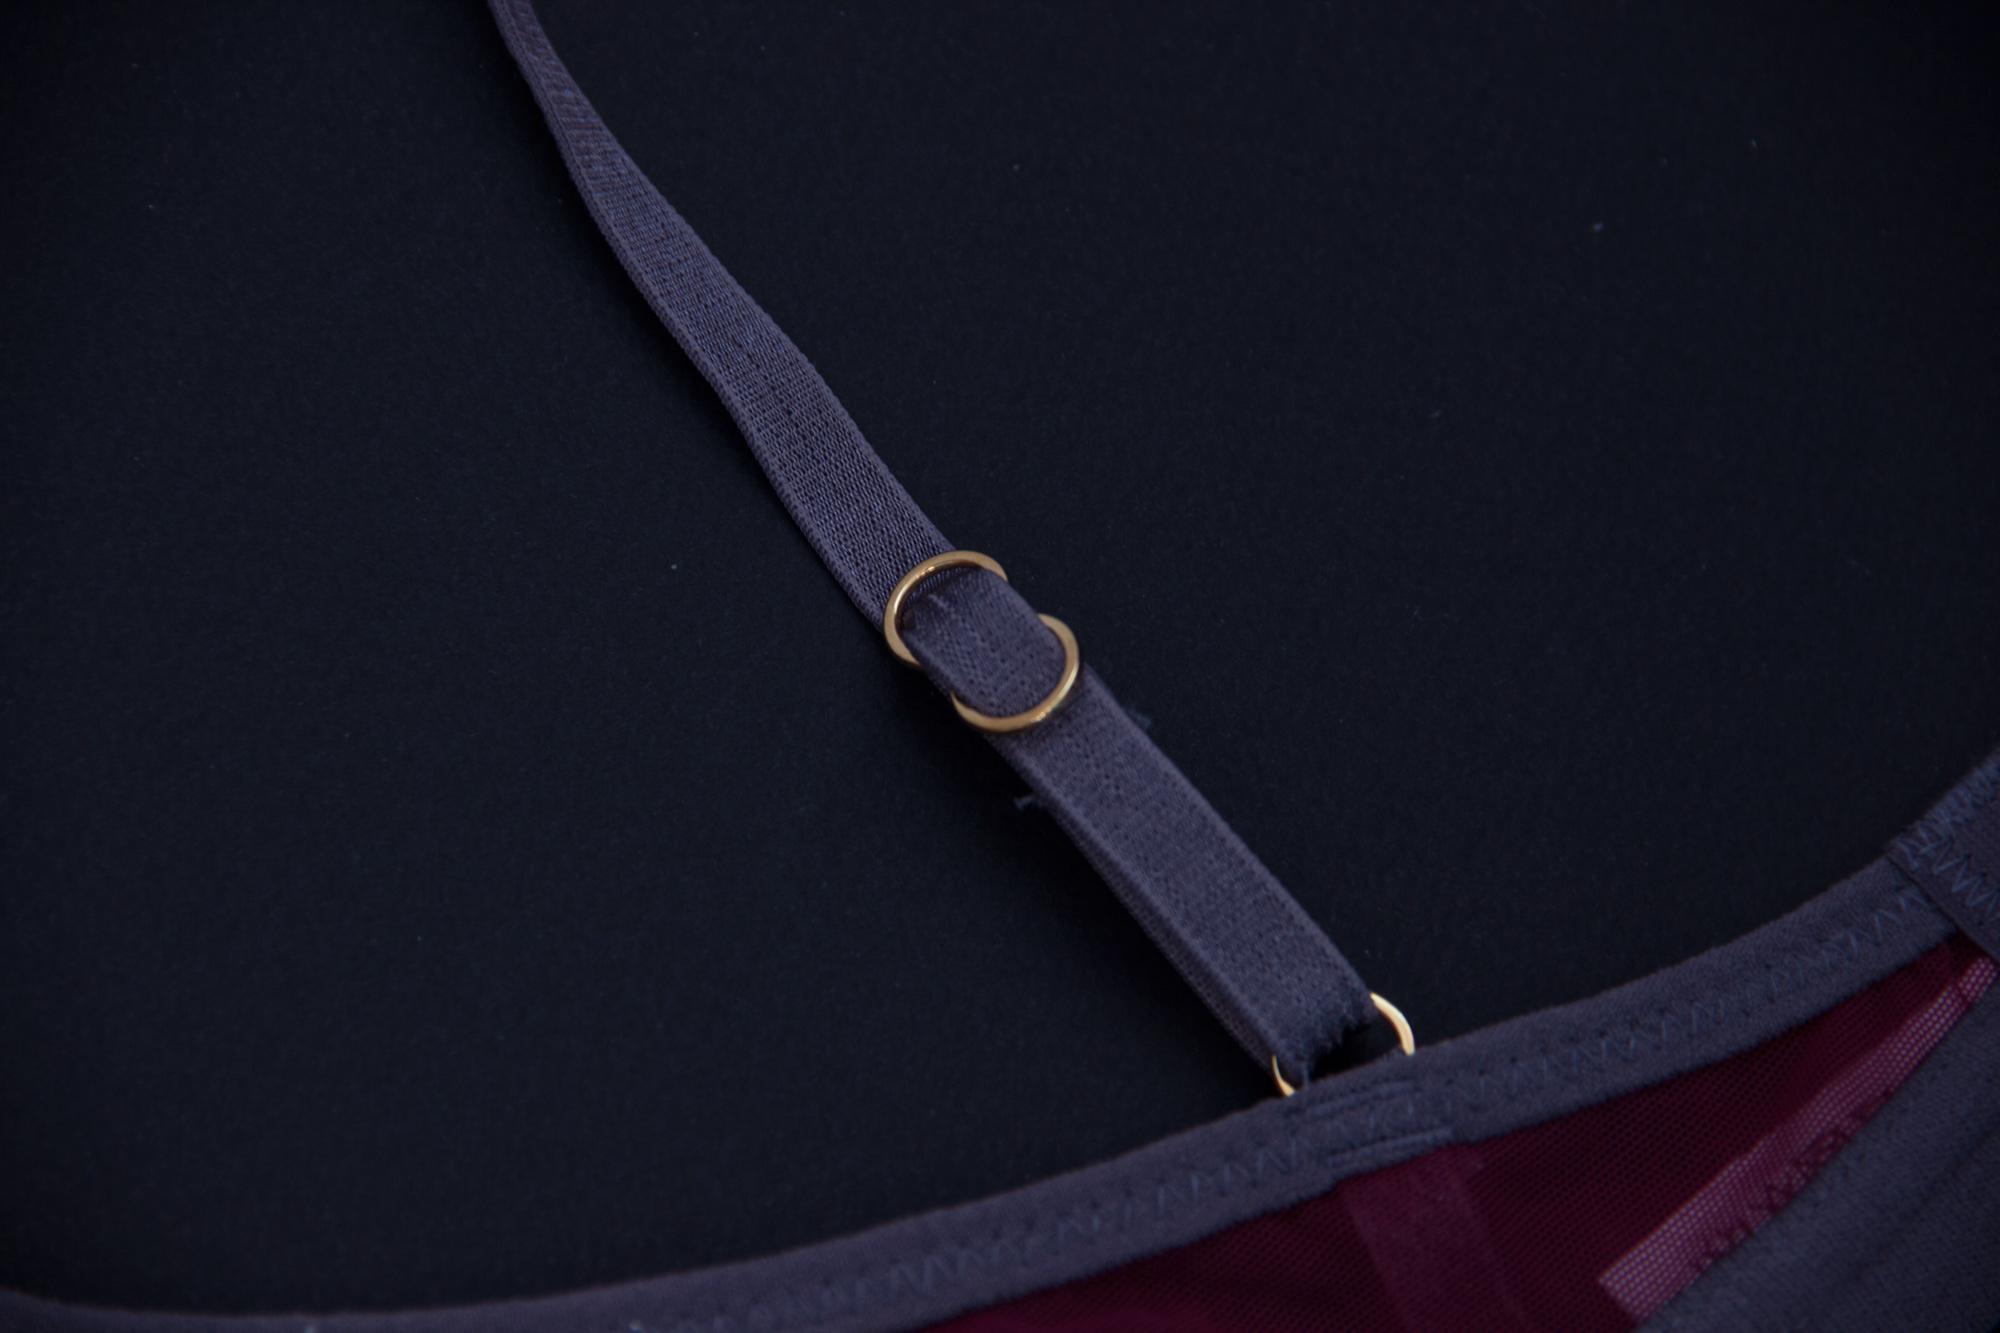 Обзор комплекта нижнего белья Dora Larsen в журнале GB {Garterblog.ru}